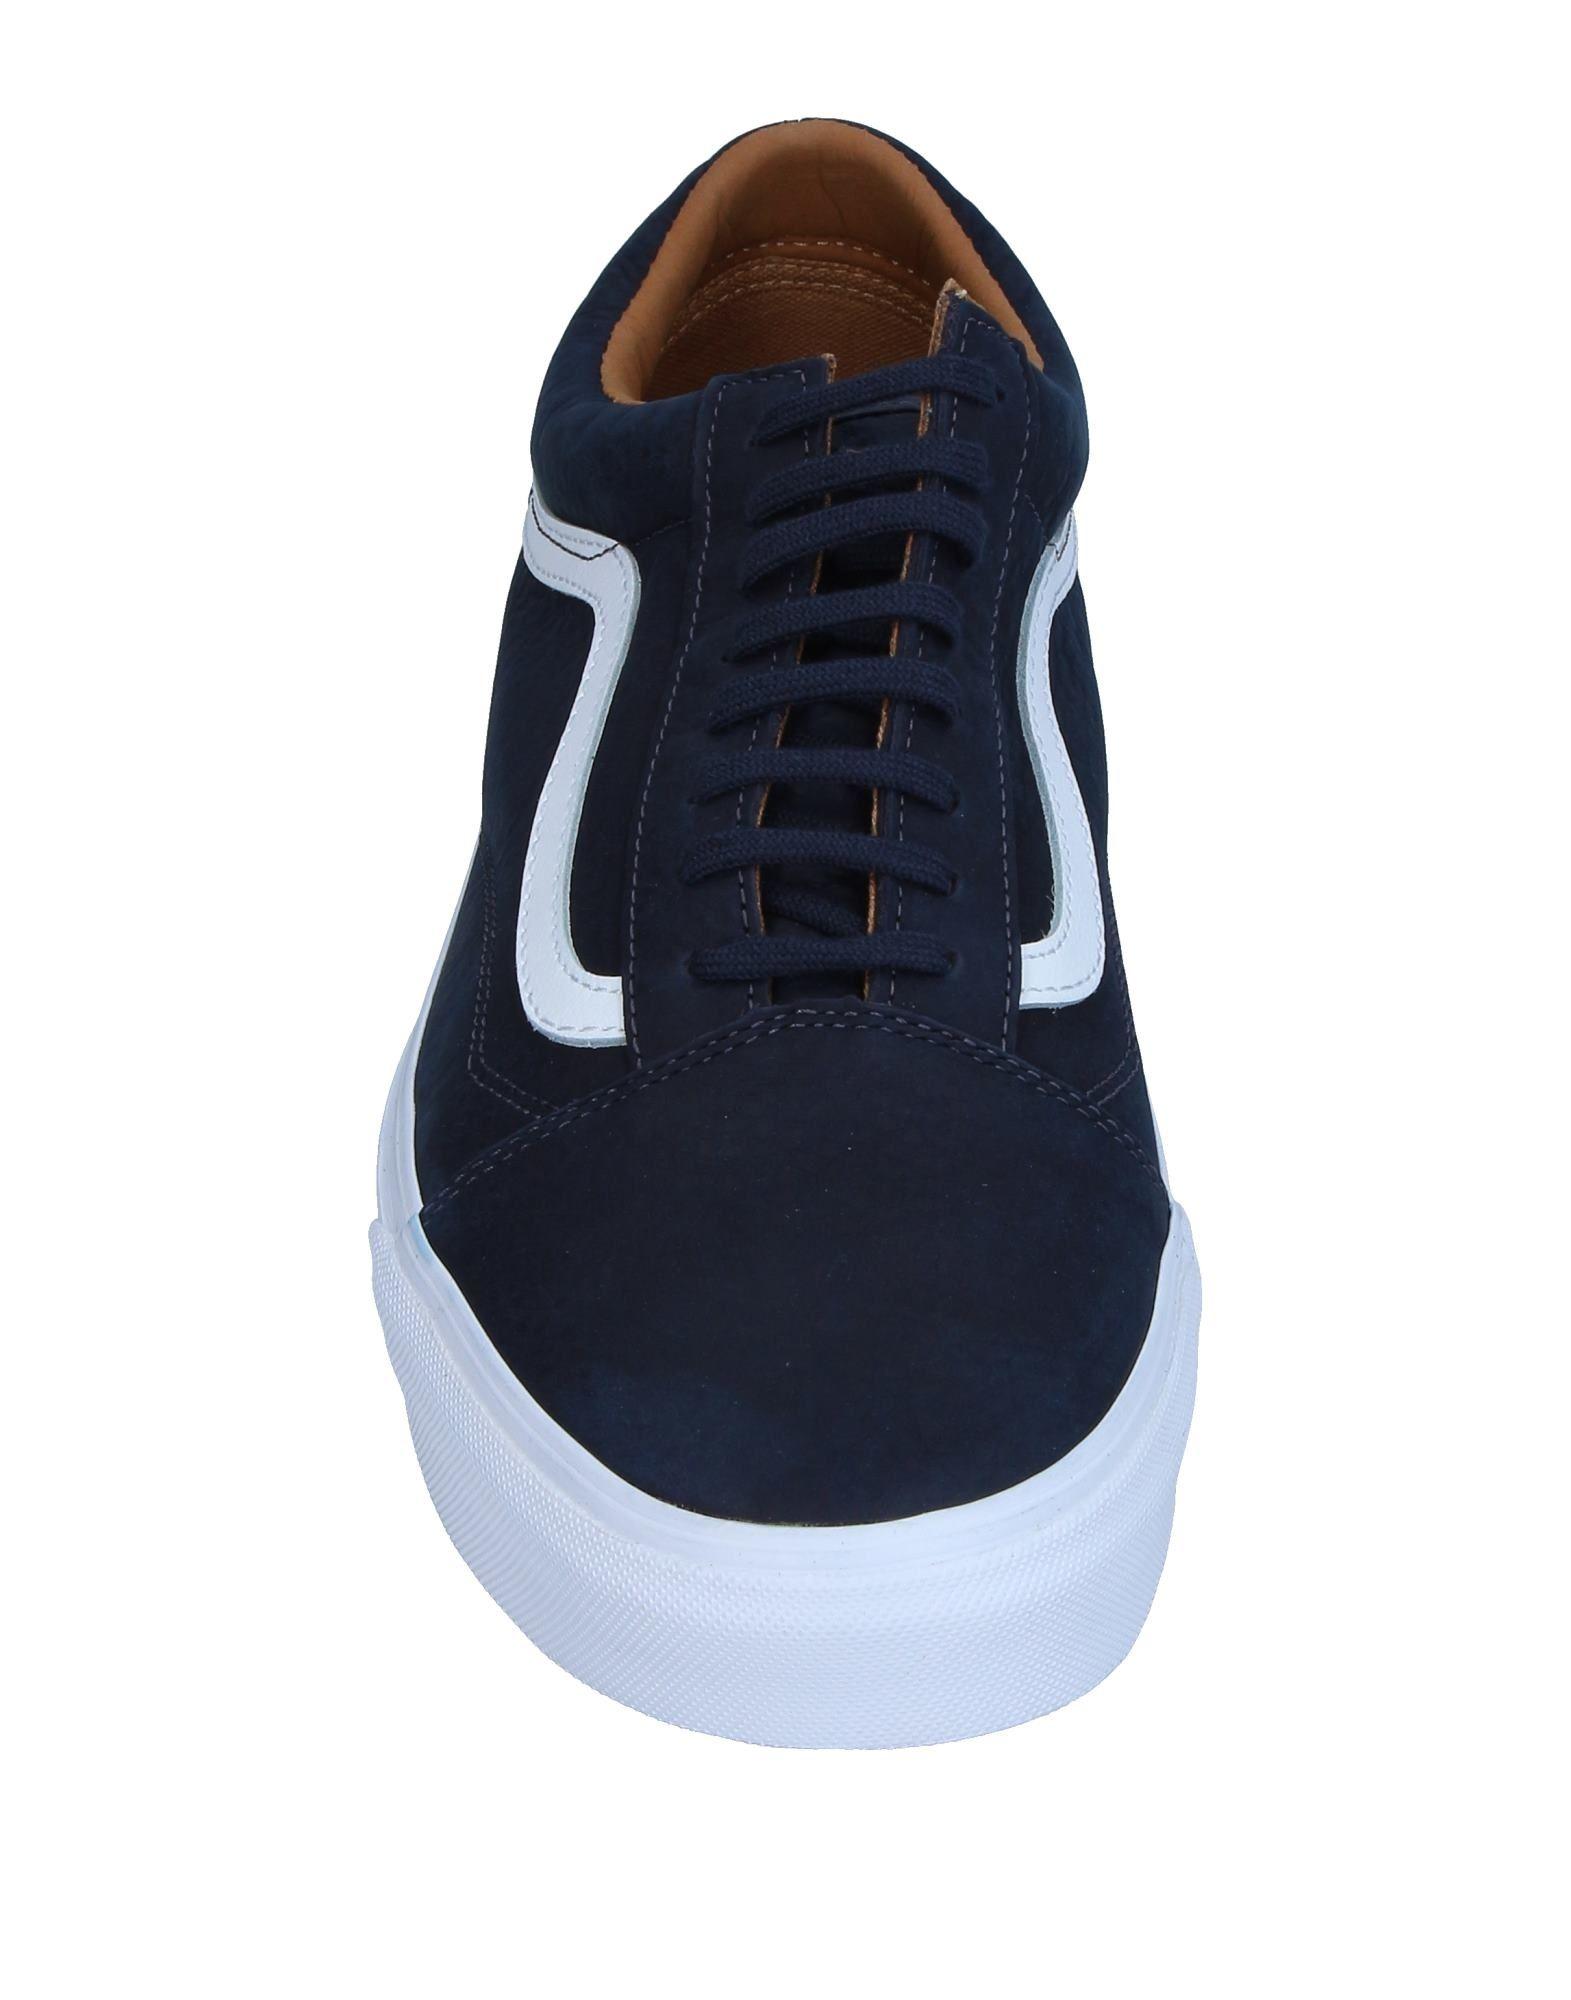 Vans Sneakers Sneakers Vans Herren  11354132TO 9d72be